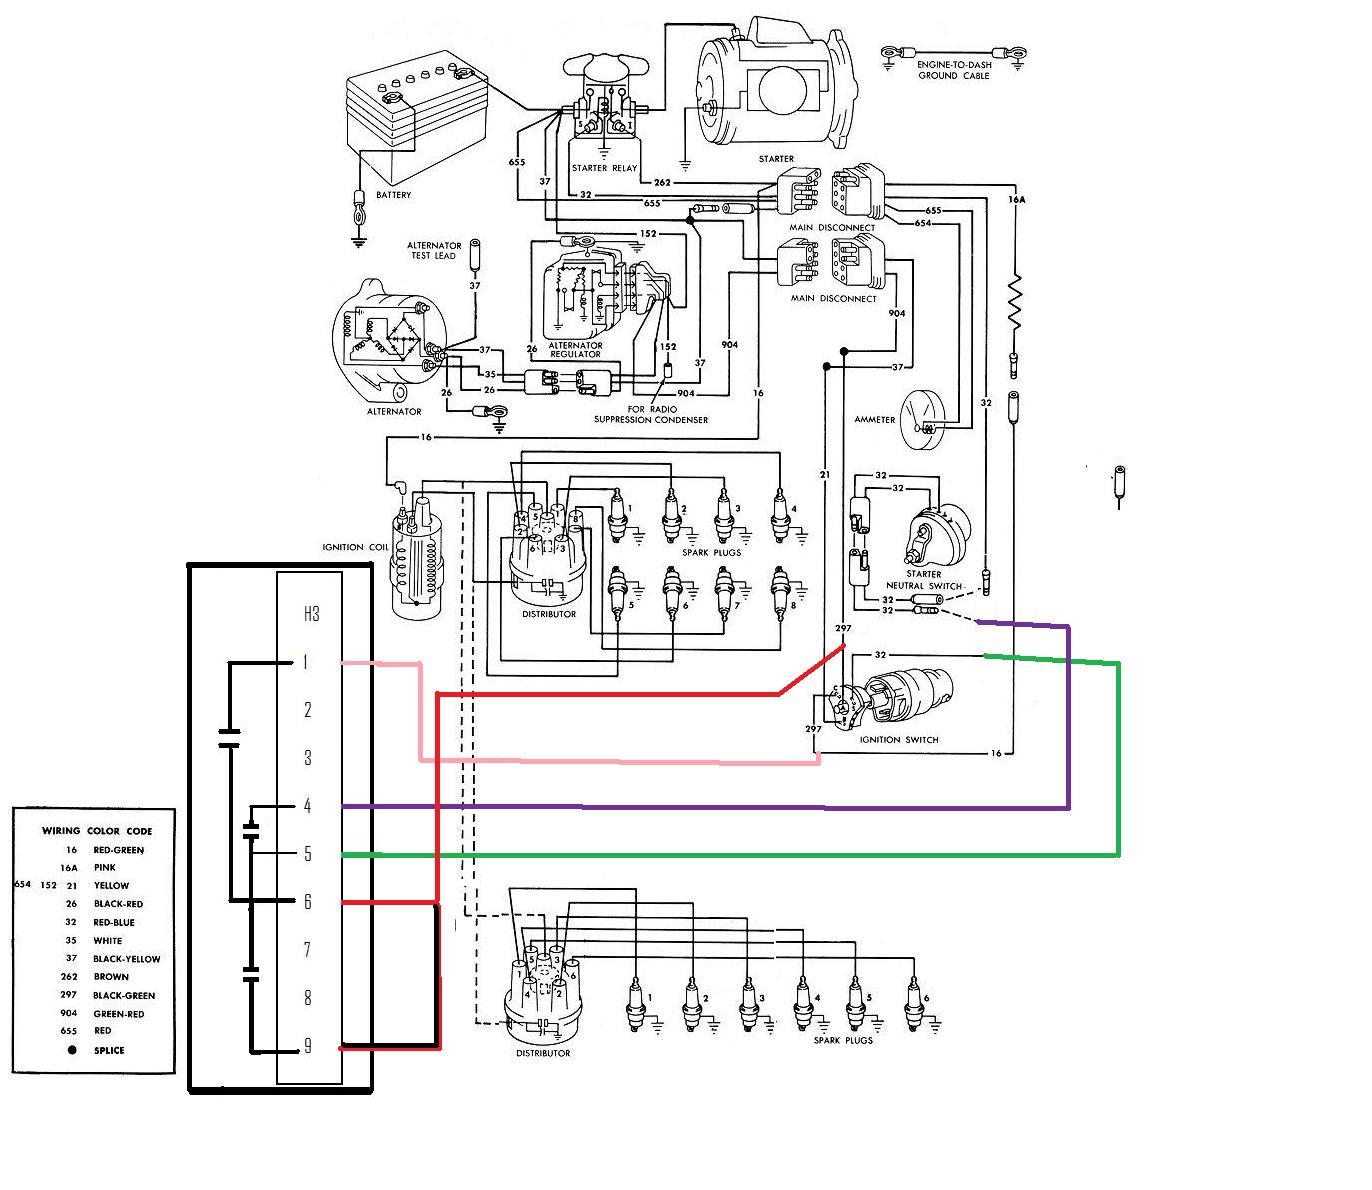 remote start wiring diagrams wiring diagram 2005 ford f150 remote start wiring diagram